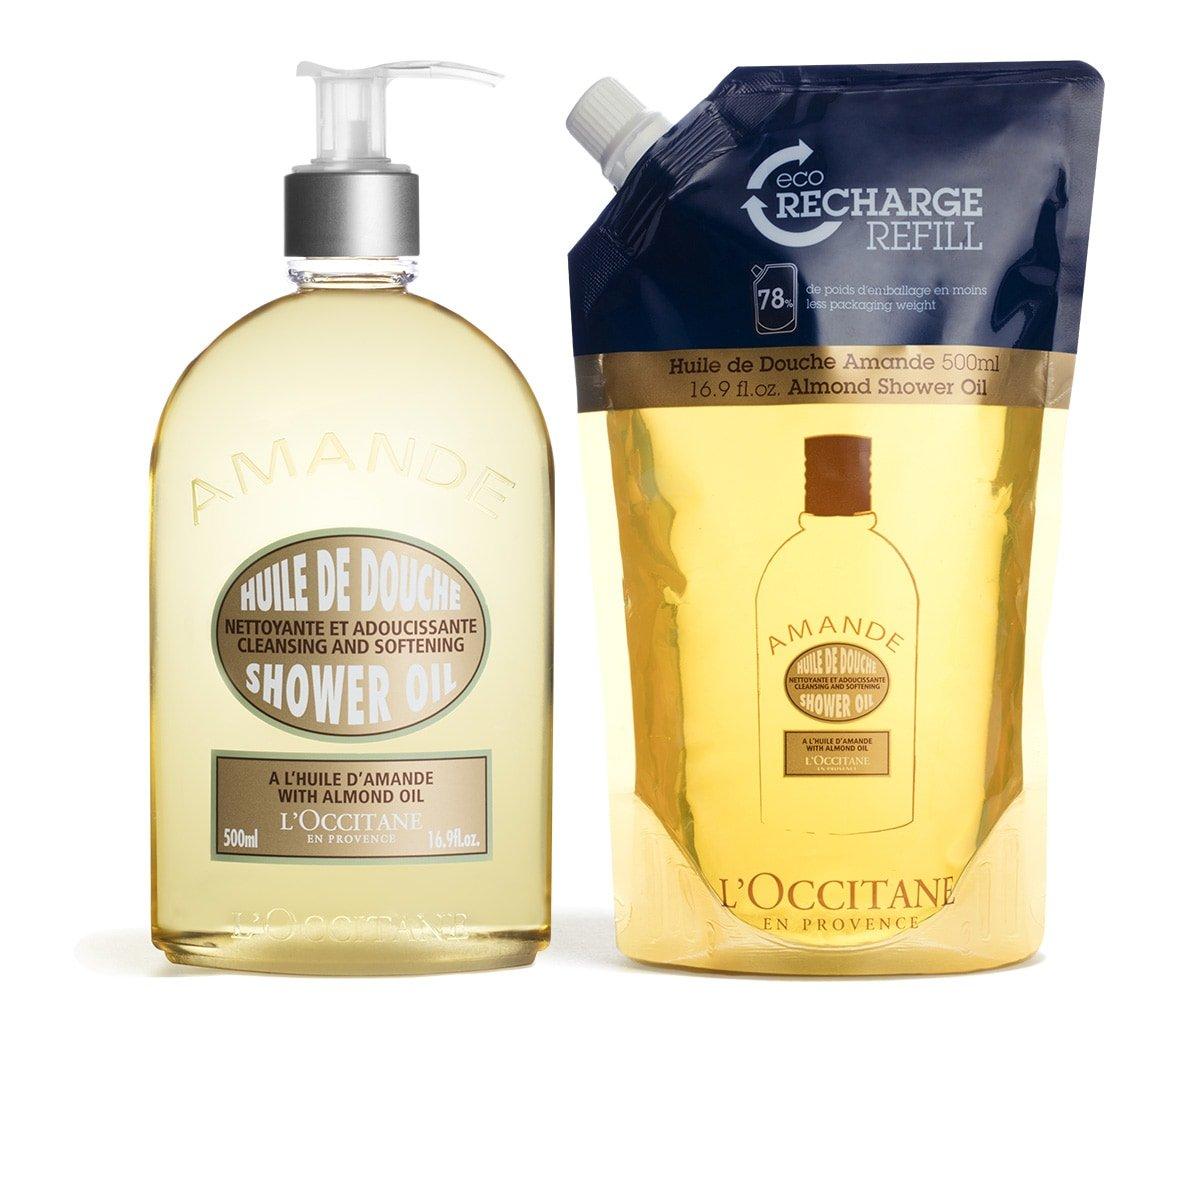 L'Occitane Almond Shower Refill Duo